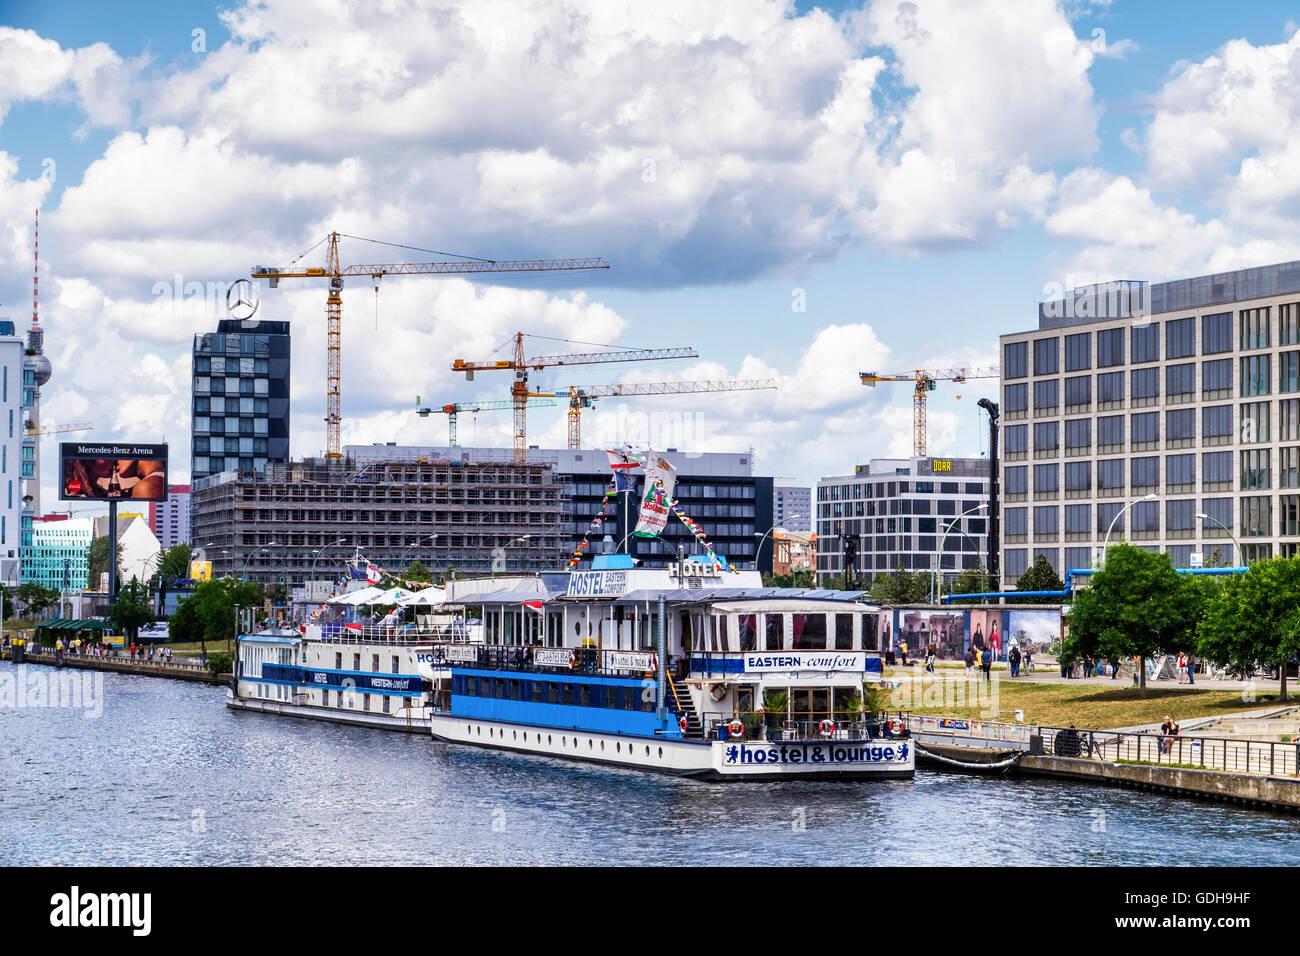 Berlín. Eastern-Comfort Western-Comfort hotel y albergue juvenil en el barco amarrado en el río Spree Imagen De Stock